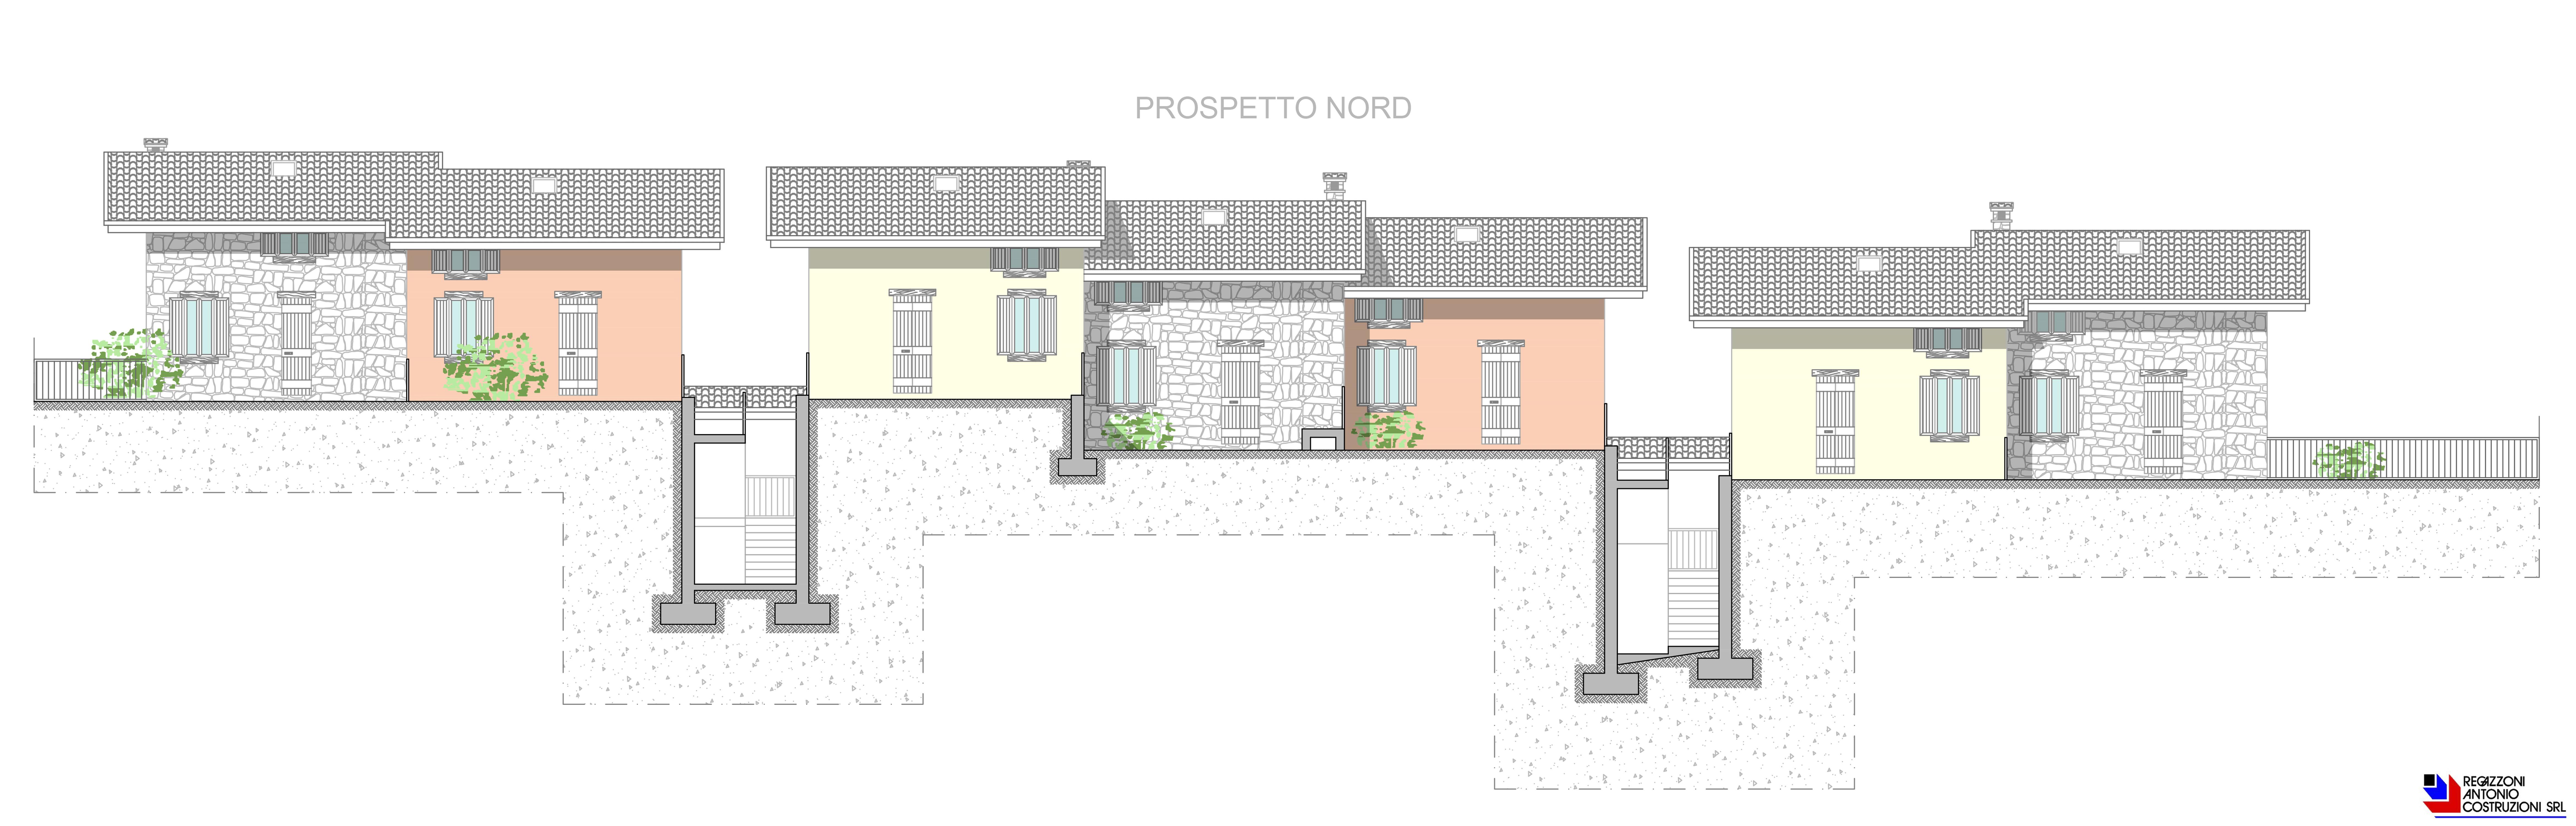 Prospetto nord Lotto B - scala 1a100